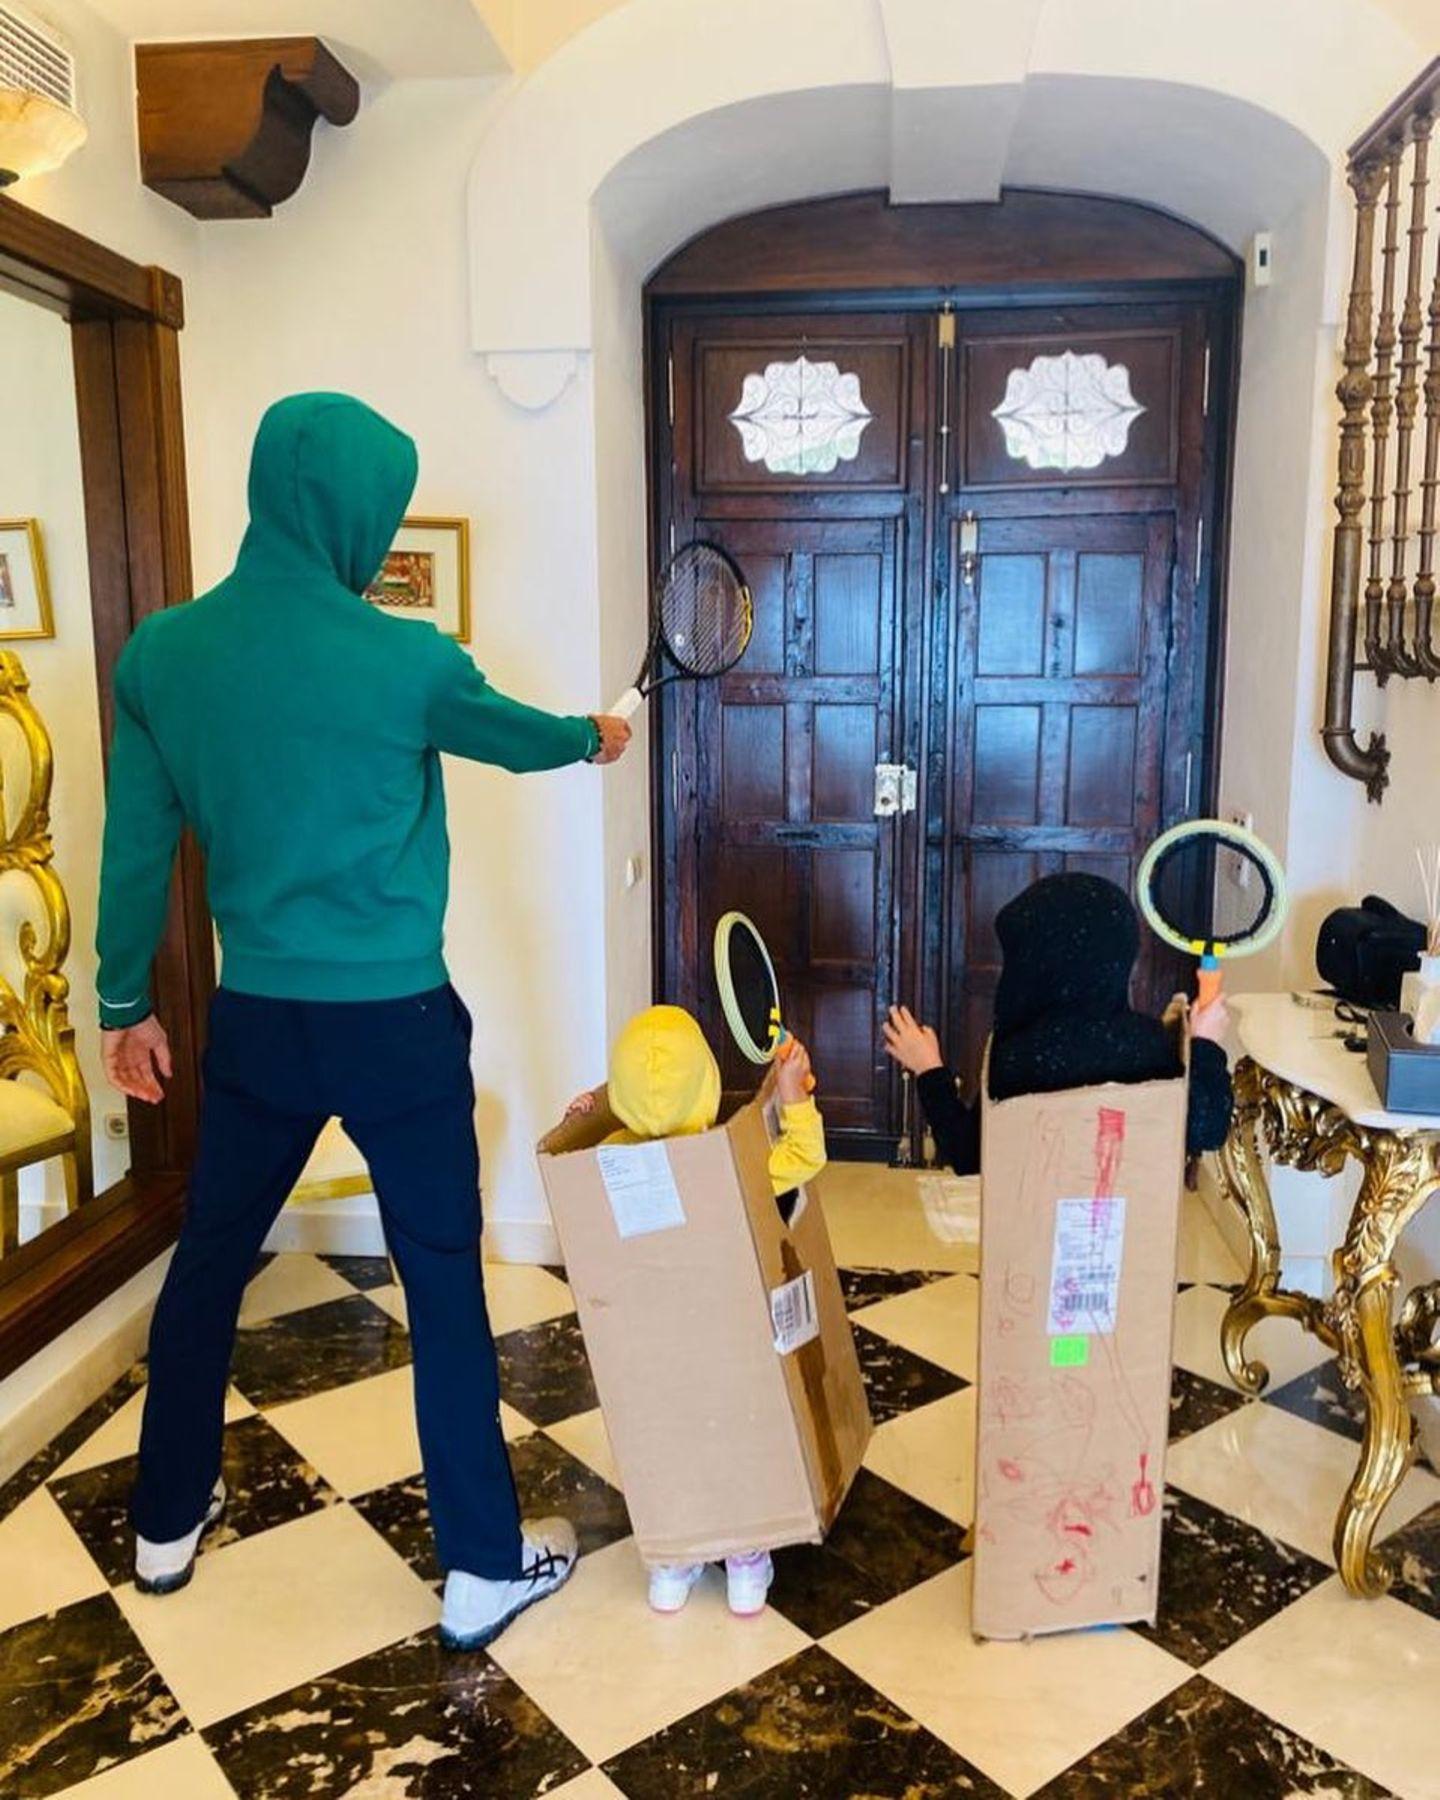 Tennis-AssNovak Đoković hält mit seinen Kindern Tara und Stefan die Stellung. Das familiäre Heim wird mit Tennisschlägern verteidigt und für die Kleinen gibt es einen kreativen Schutzpanzer.